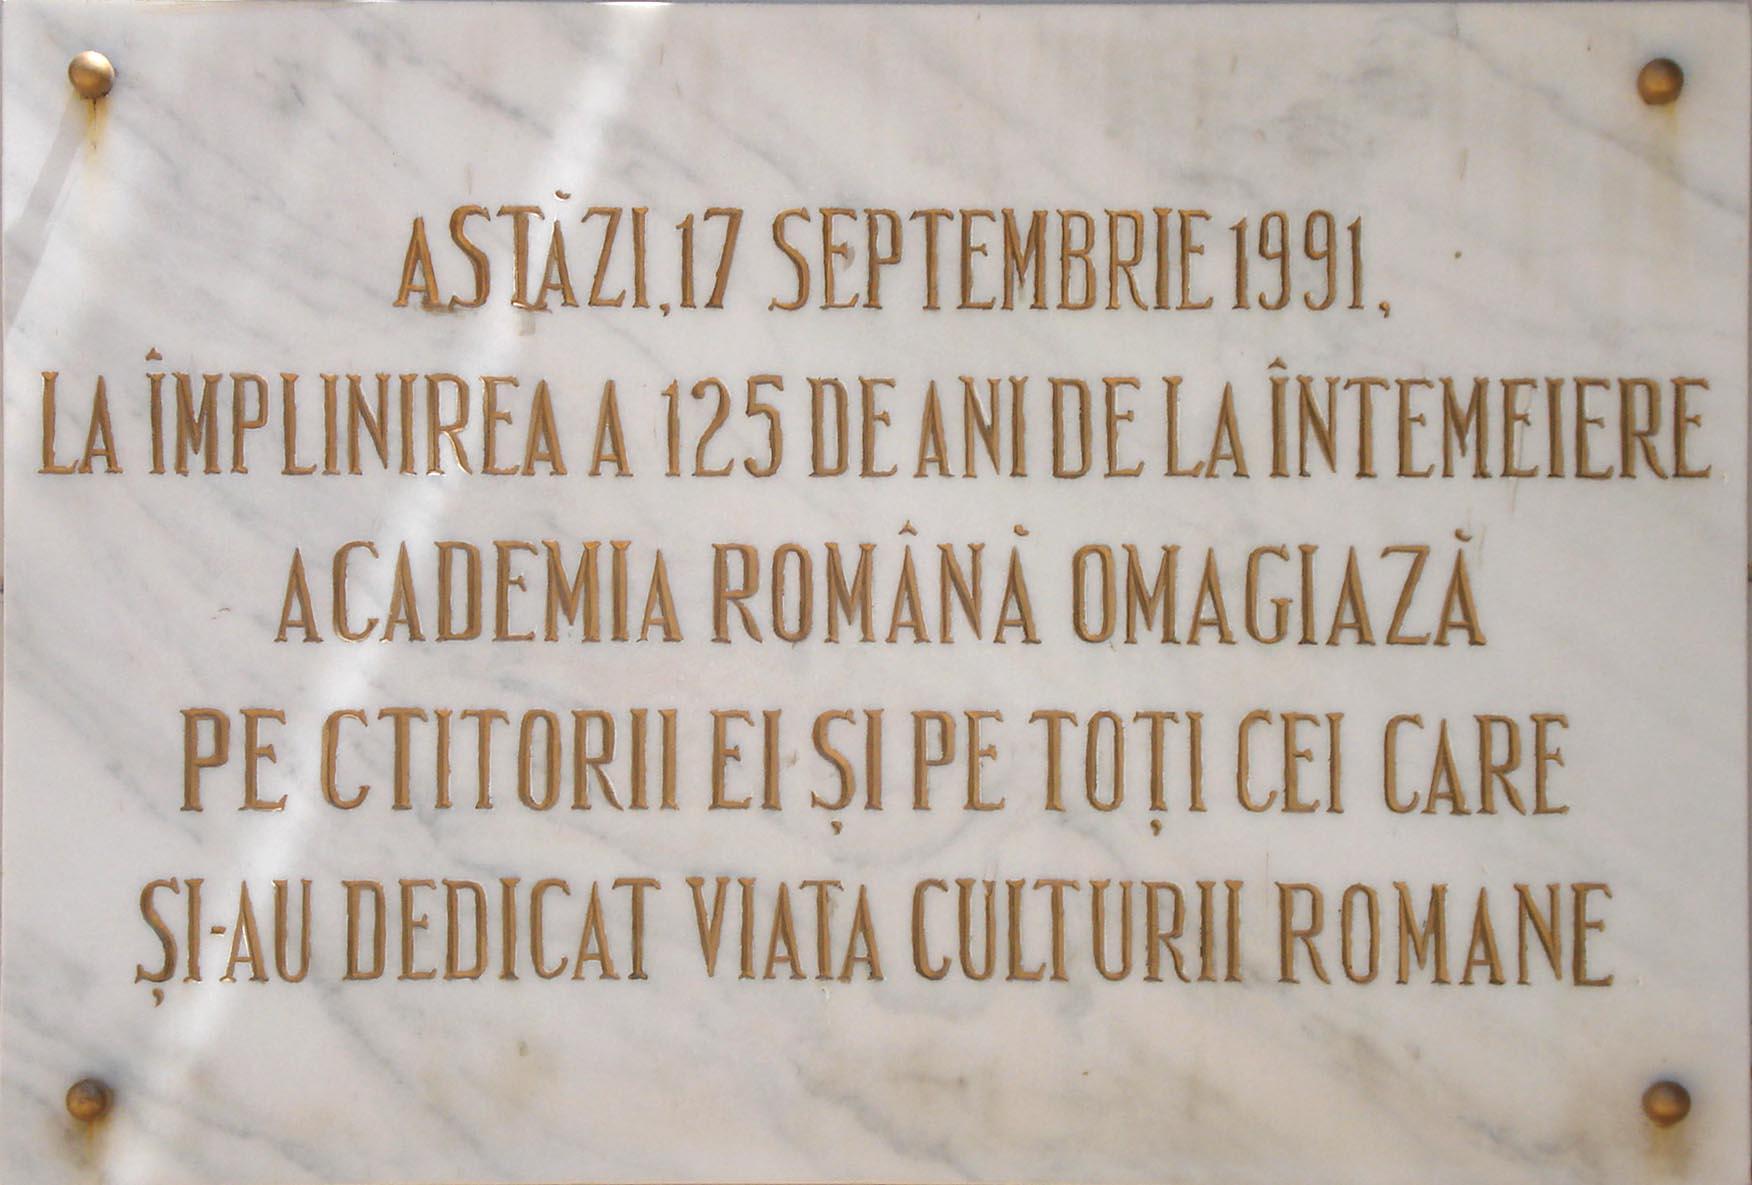 Placă comemorativă amplasată pe clădirea sediului Academiei Române din Calea Victoriei